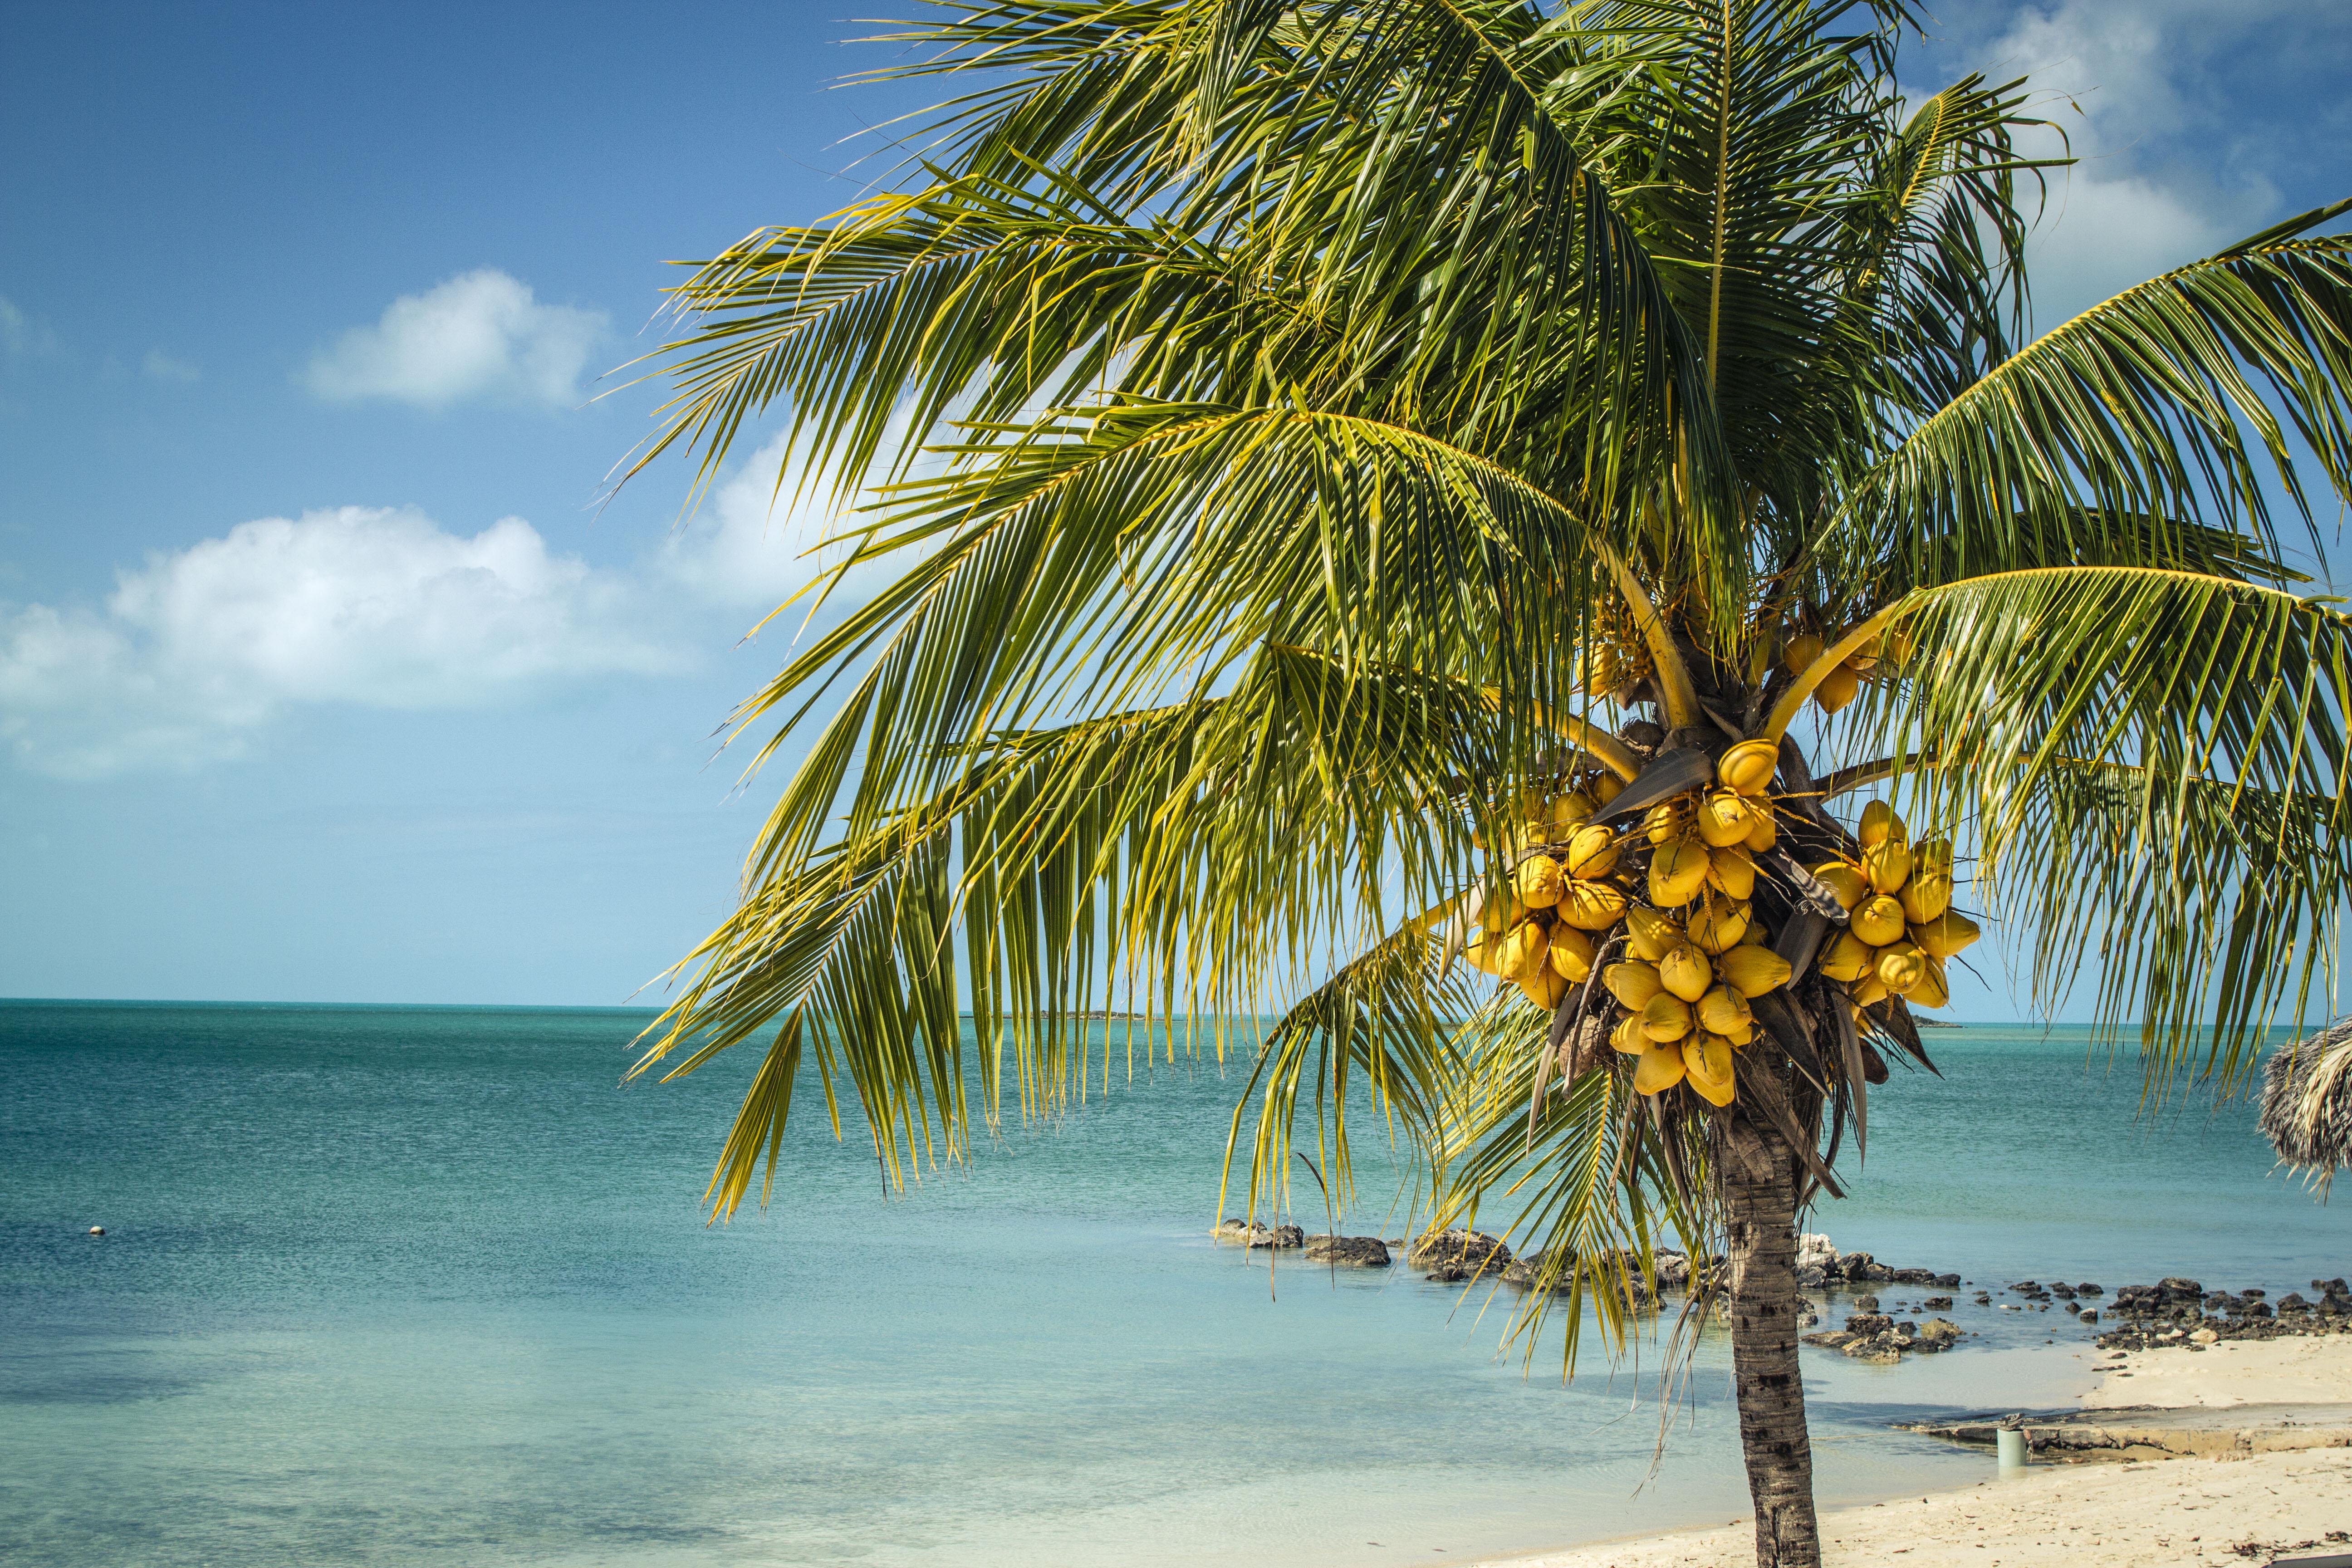 требуется, выдели картинка море с пальмами большого разрешения цветочные цветочная